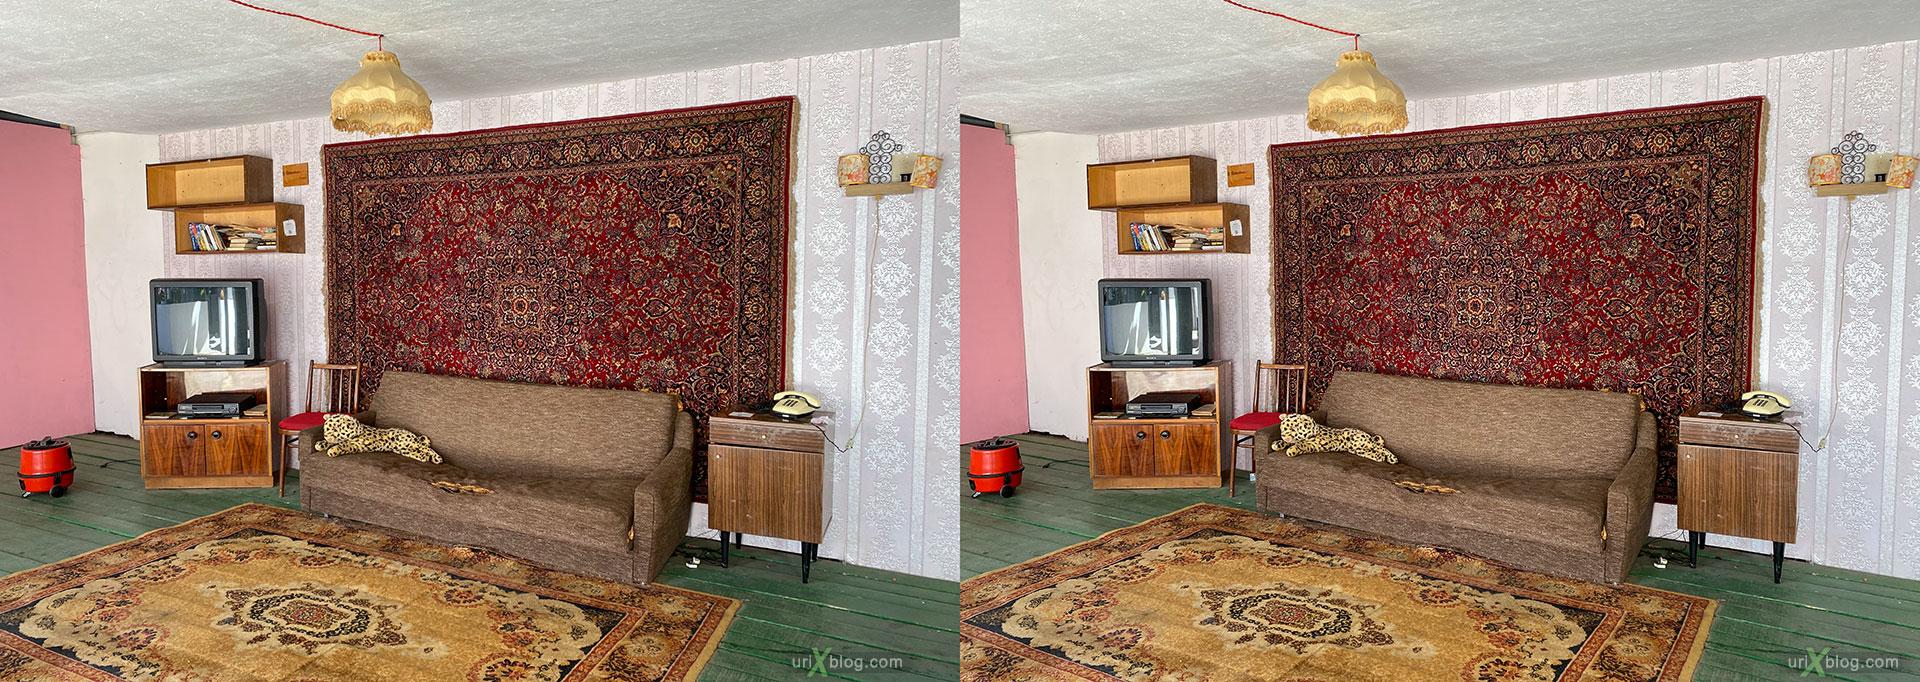 комната, ковёр, ковры, советский, инстаулица, Измайлово, вернисаж, кремль, Москва, Россия, 3D, перекрёстная стереопара, стерео, стереопара